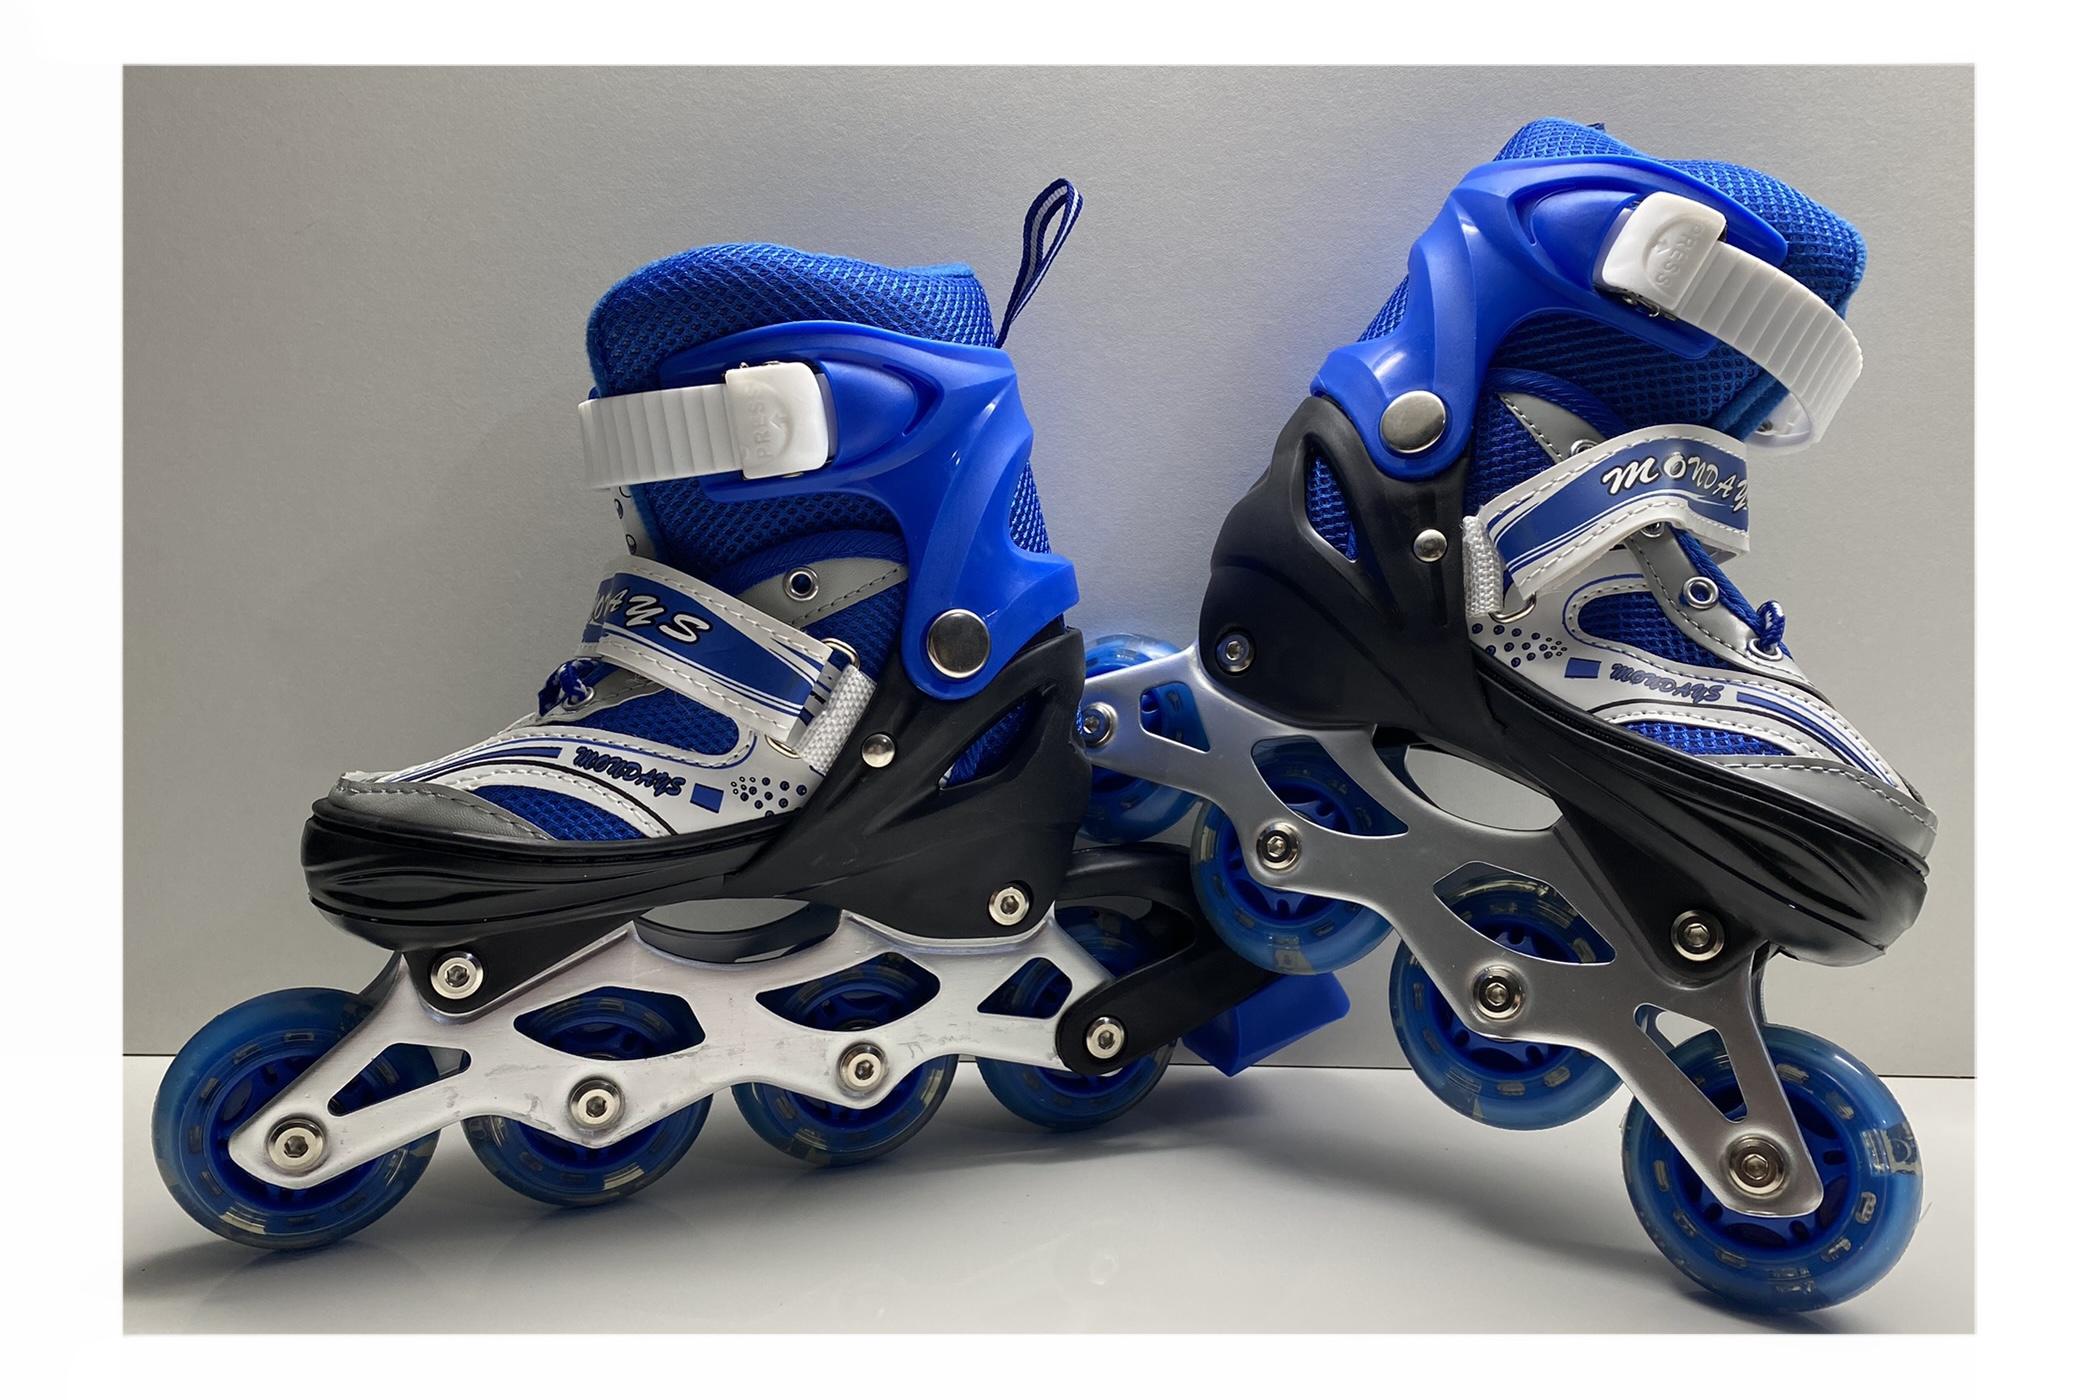 Role copii reglabile, Monday Skates cu lumini led, Sistem de fixare 3 in 1, M (Marimea 34-37), Albastru